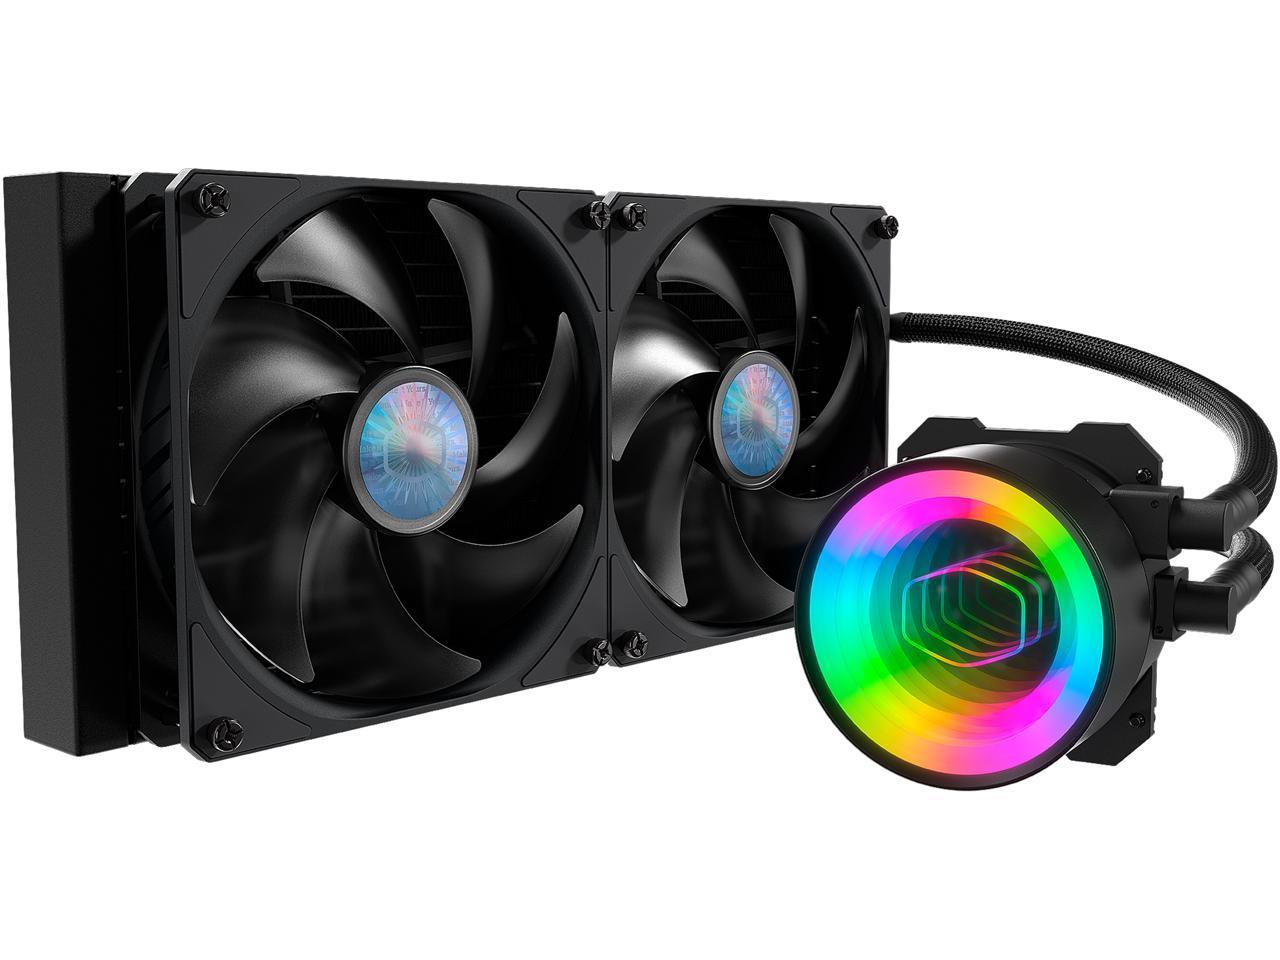 Cooler Master MasterLiquid ML280 Mirror ARGB Liquid CPU Cooler Dual 140mm@Newegg (AR) now $75